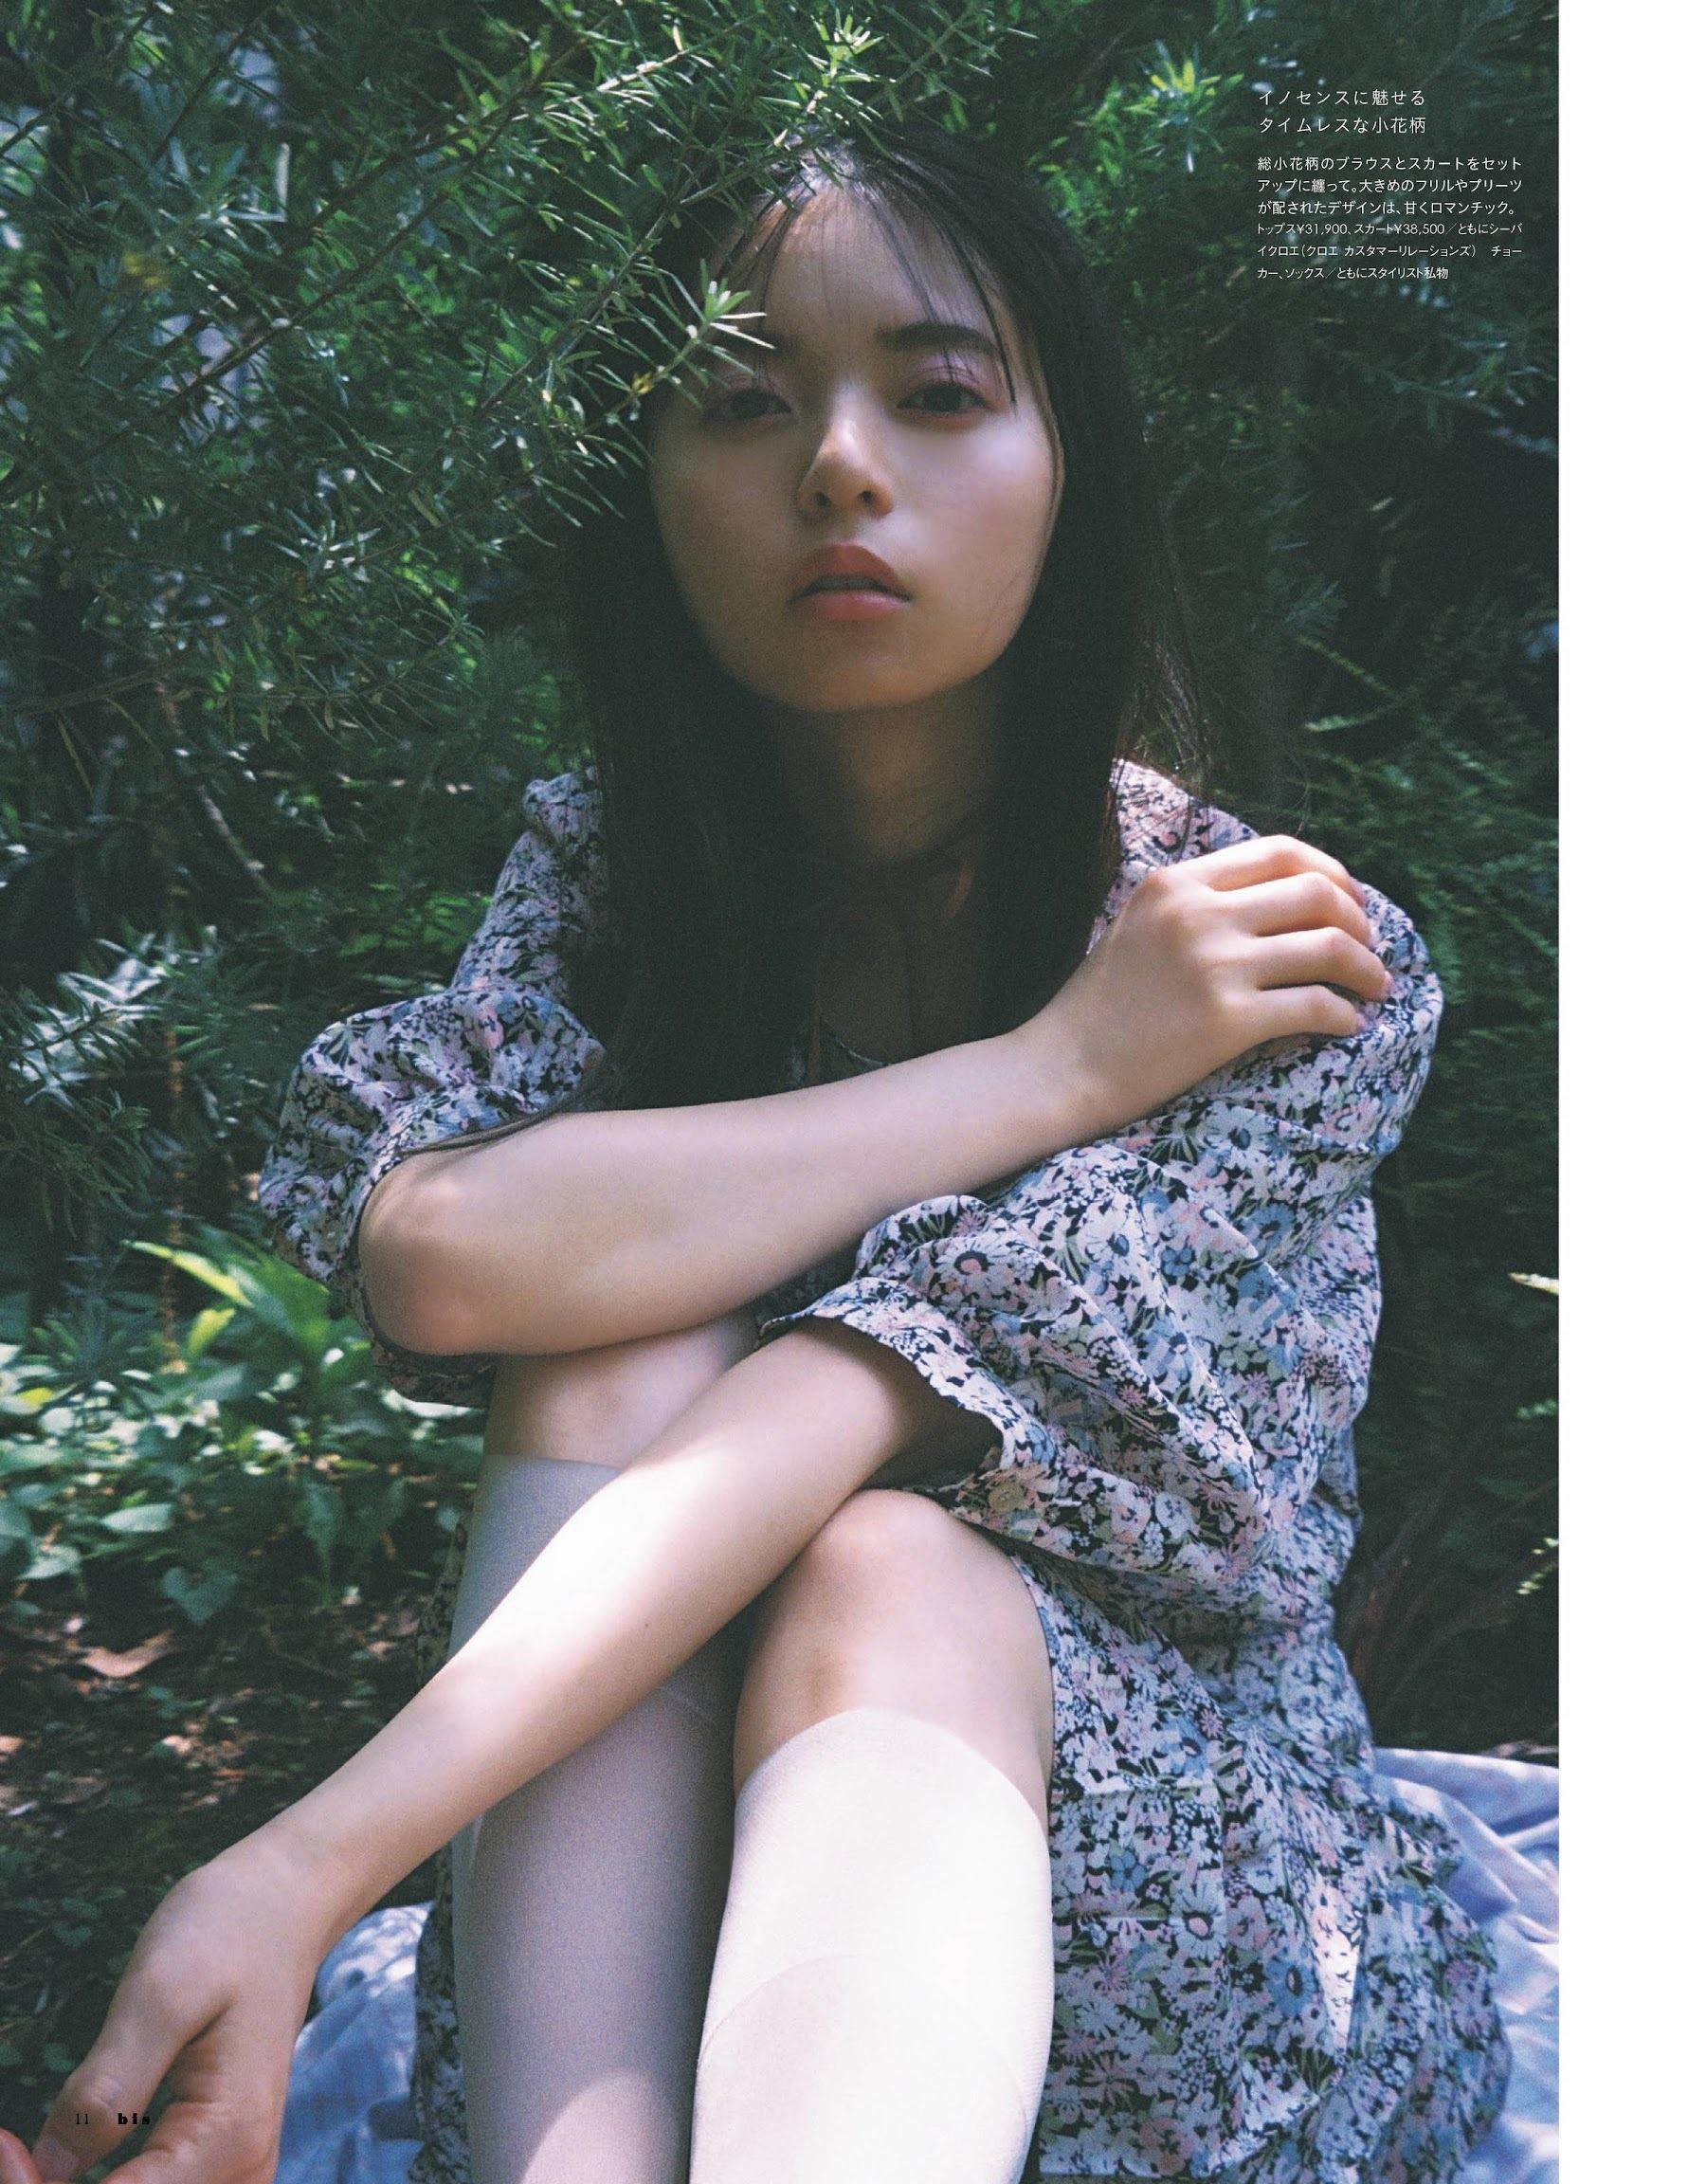 斋藤飞鸟 小宫有纱 与田祐希-Bis 2021年第九期 高清套图 第11张